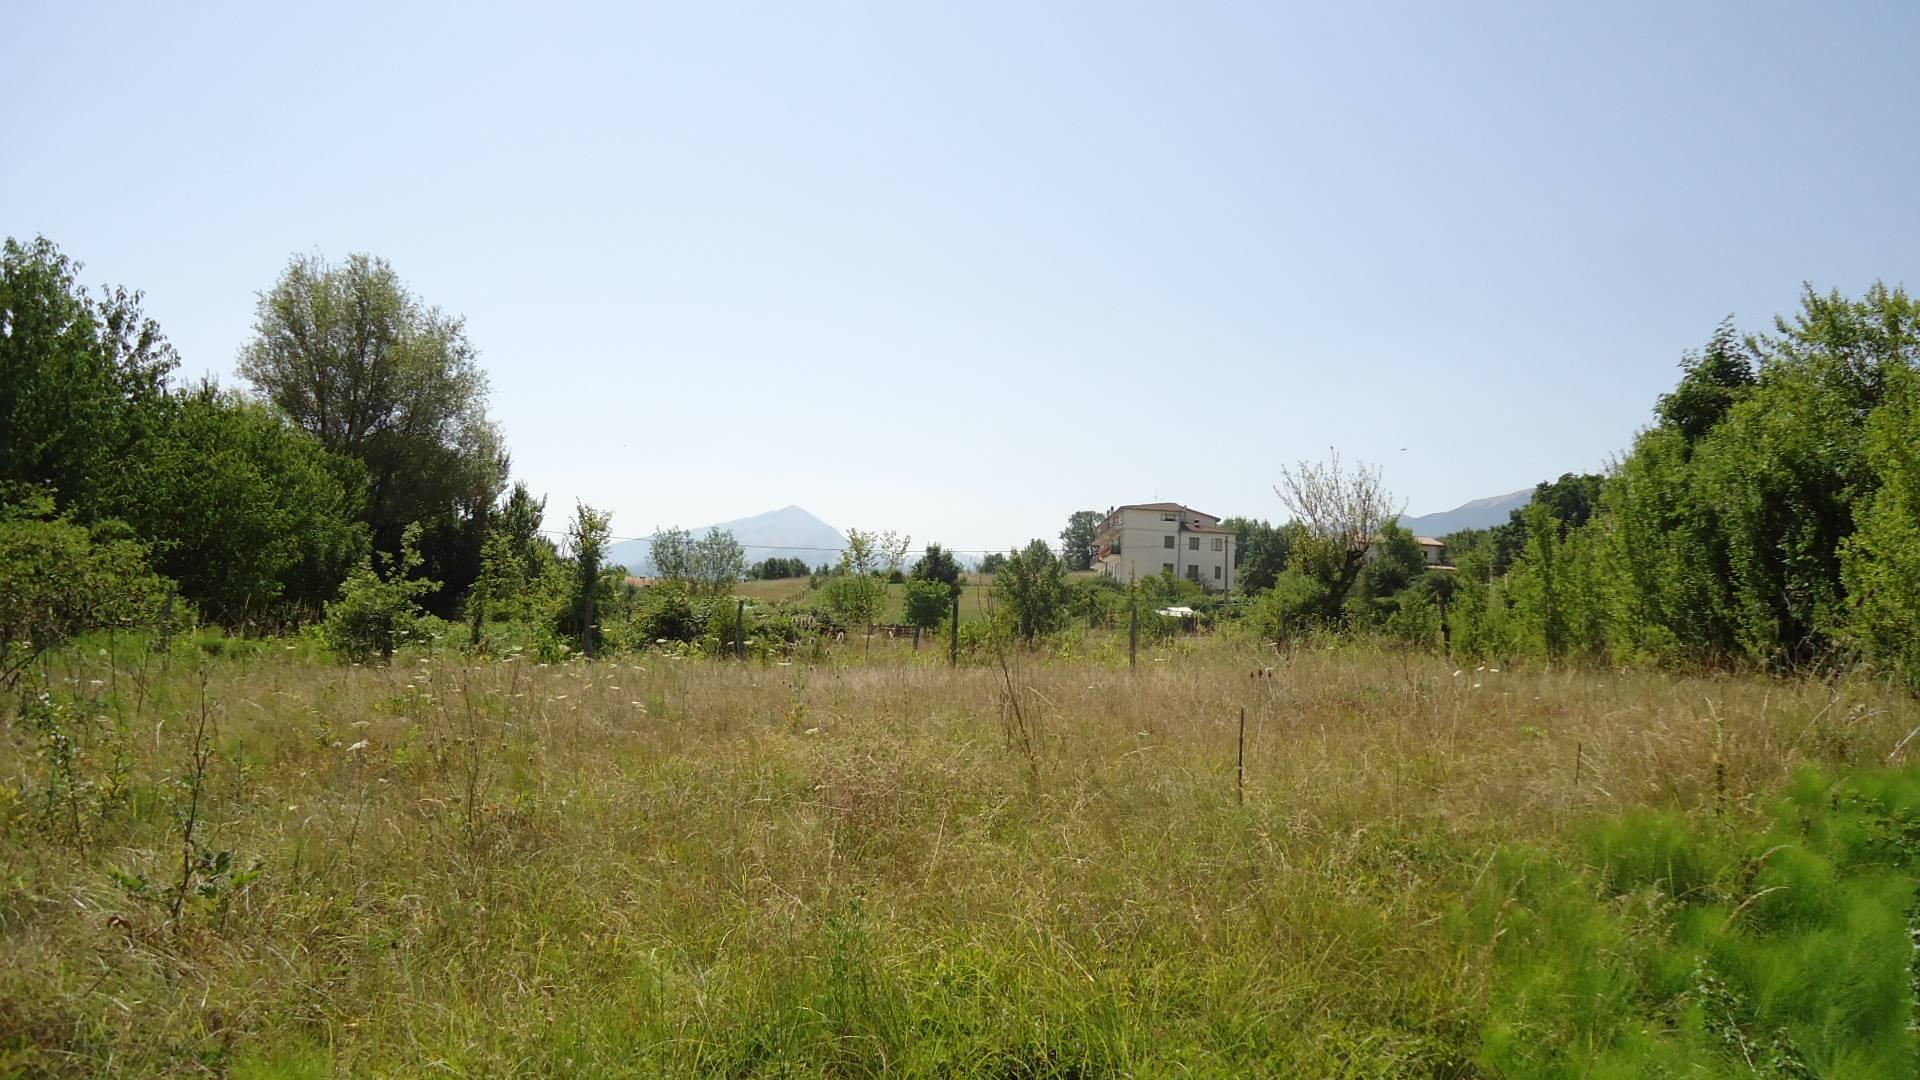 Terreno Edificabile Residenziale in vendita a Scoppito, 9999 locali, zona Località: MadonnadellaStrada, prezzo € 60.000 | CambioCasa.it